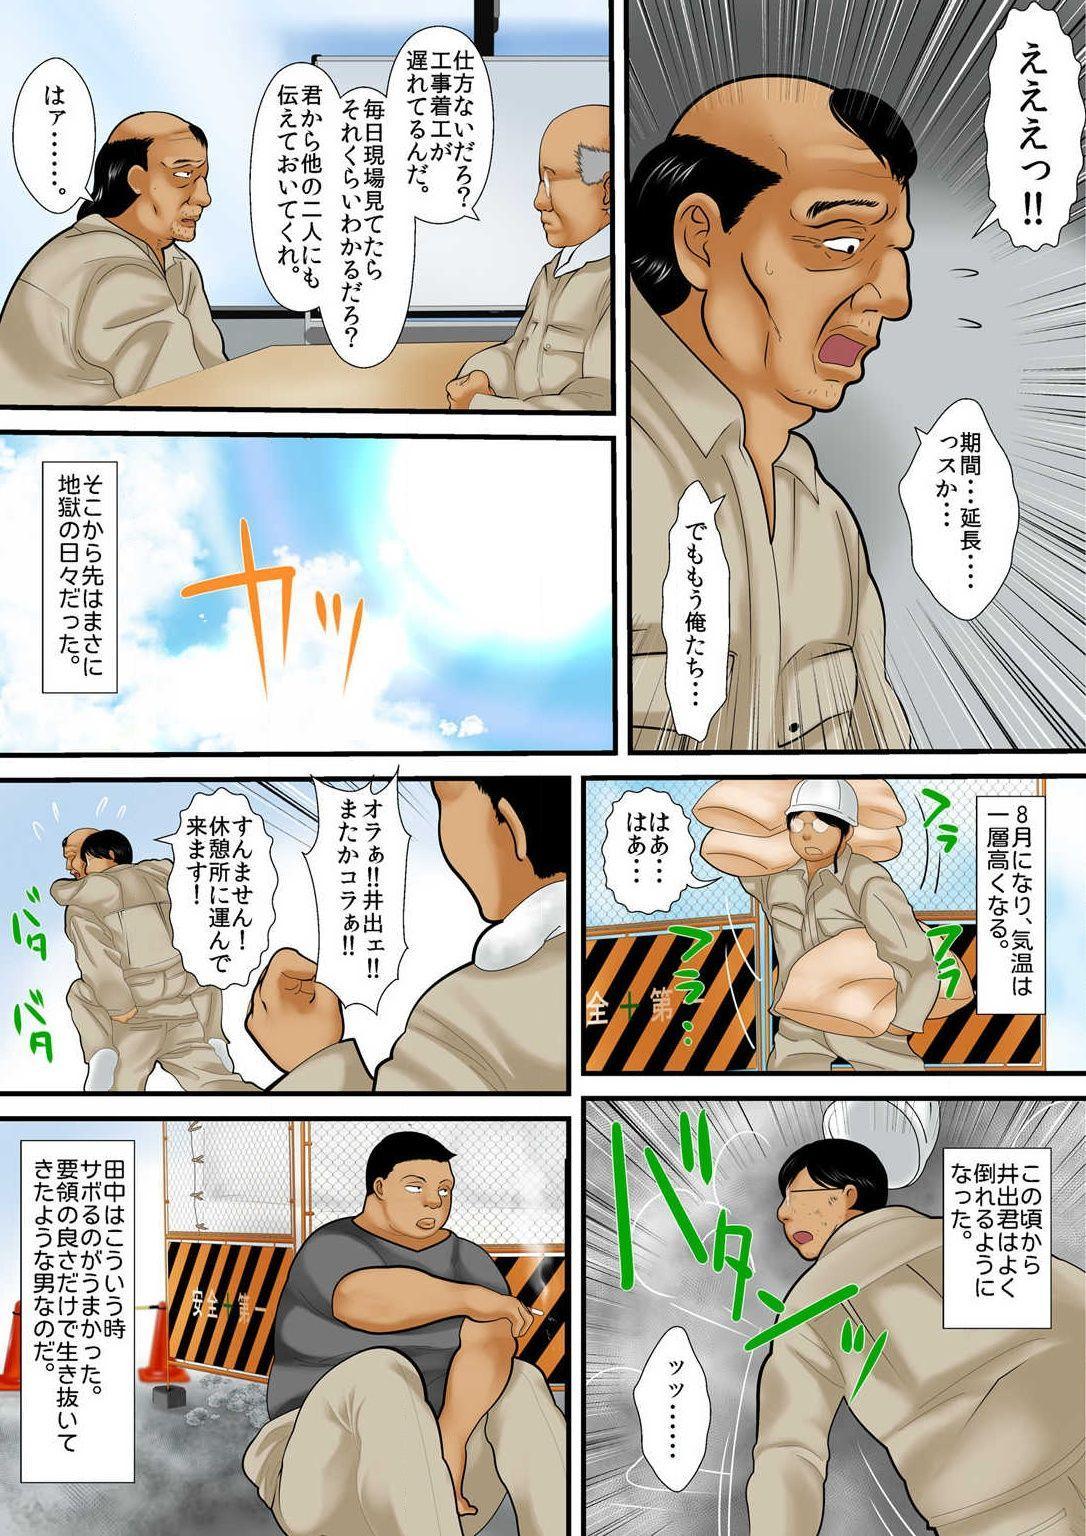 Zetsurin Oyaji ga Joshiryou de ~Sonna ni Dashitara Ninshin shichau!! 1 14